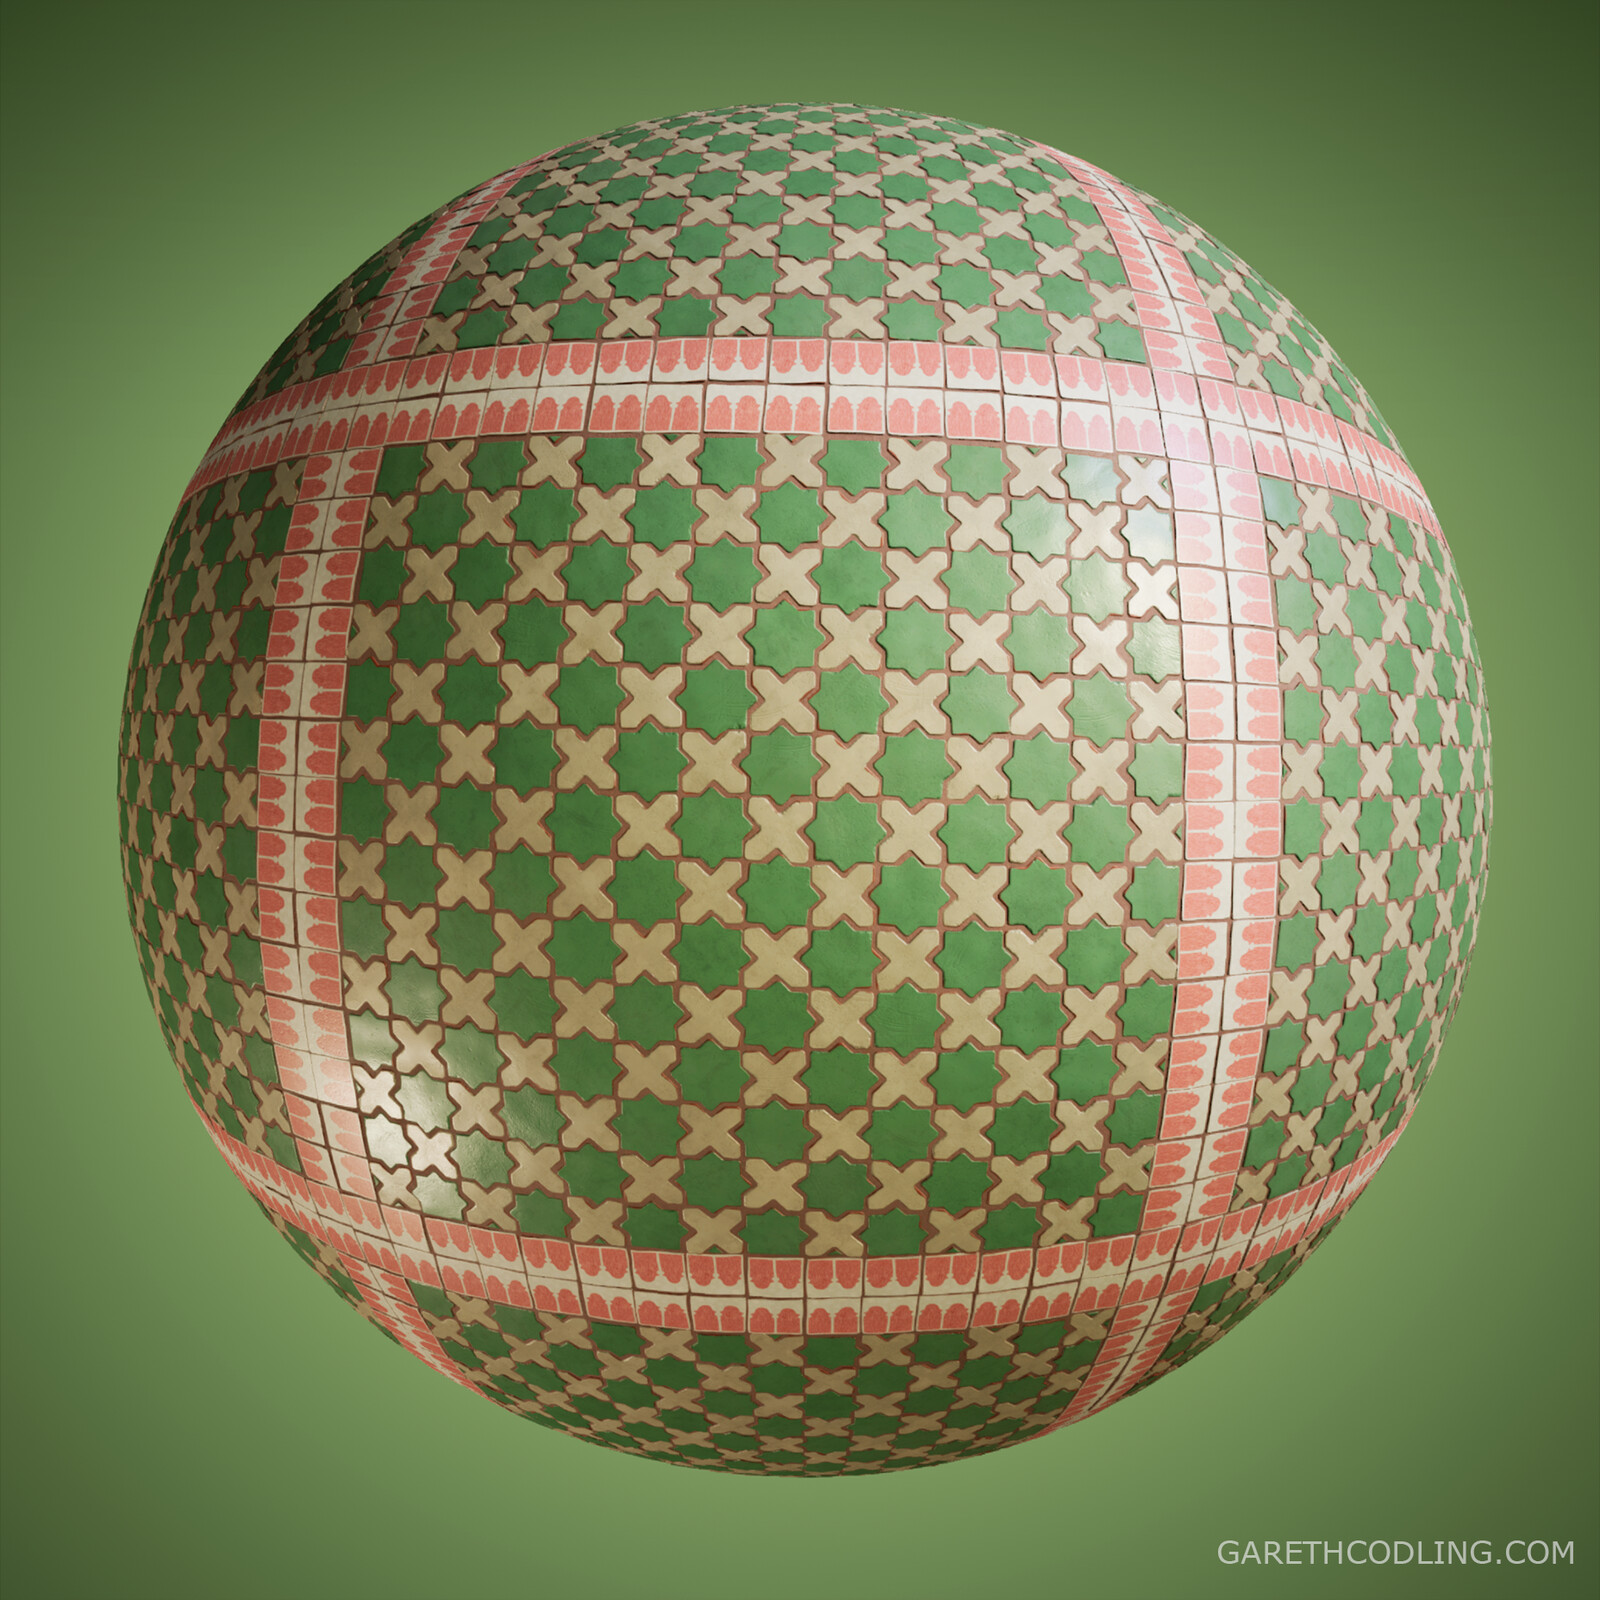 Terracotta Tiles Material Ball